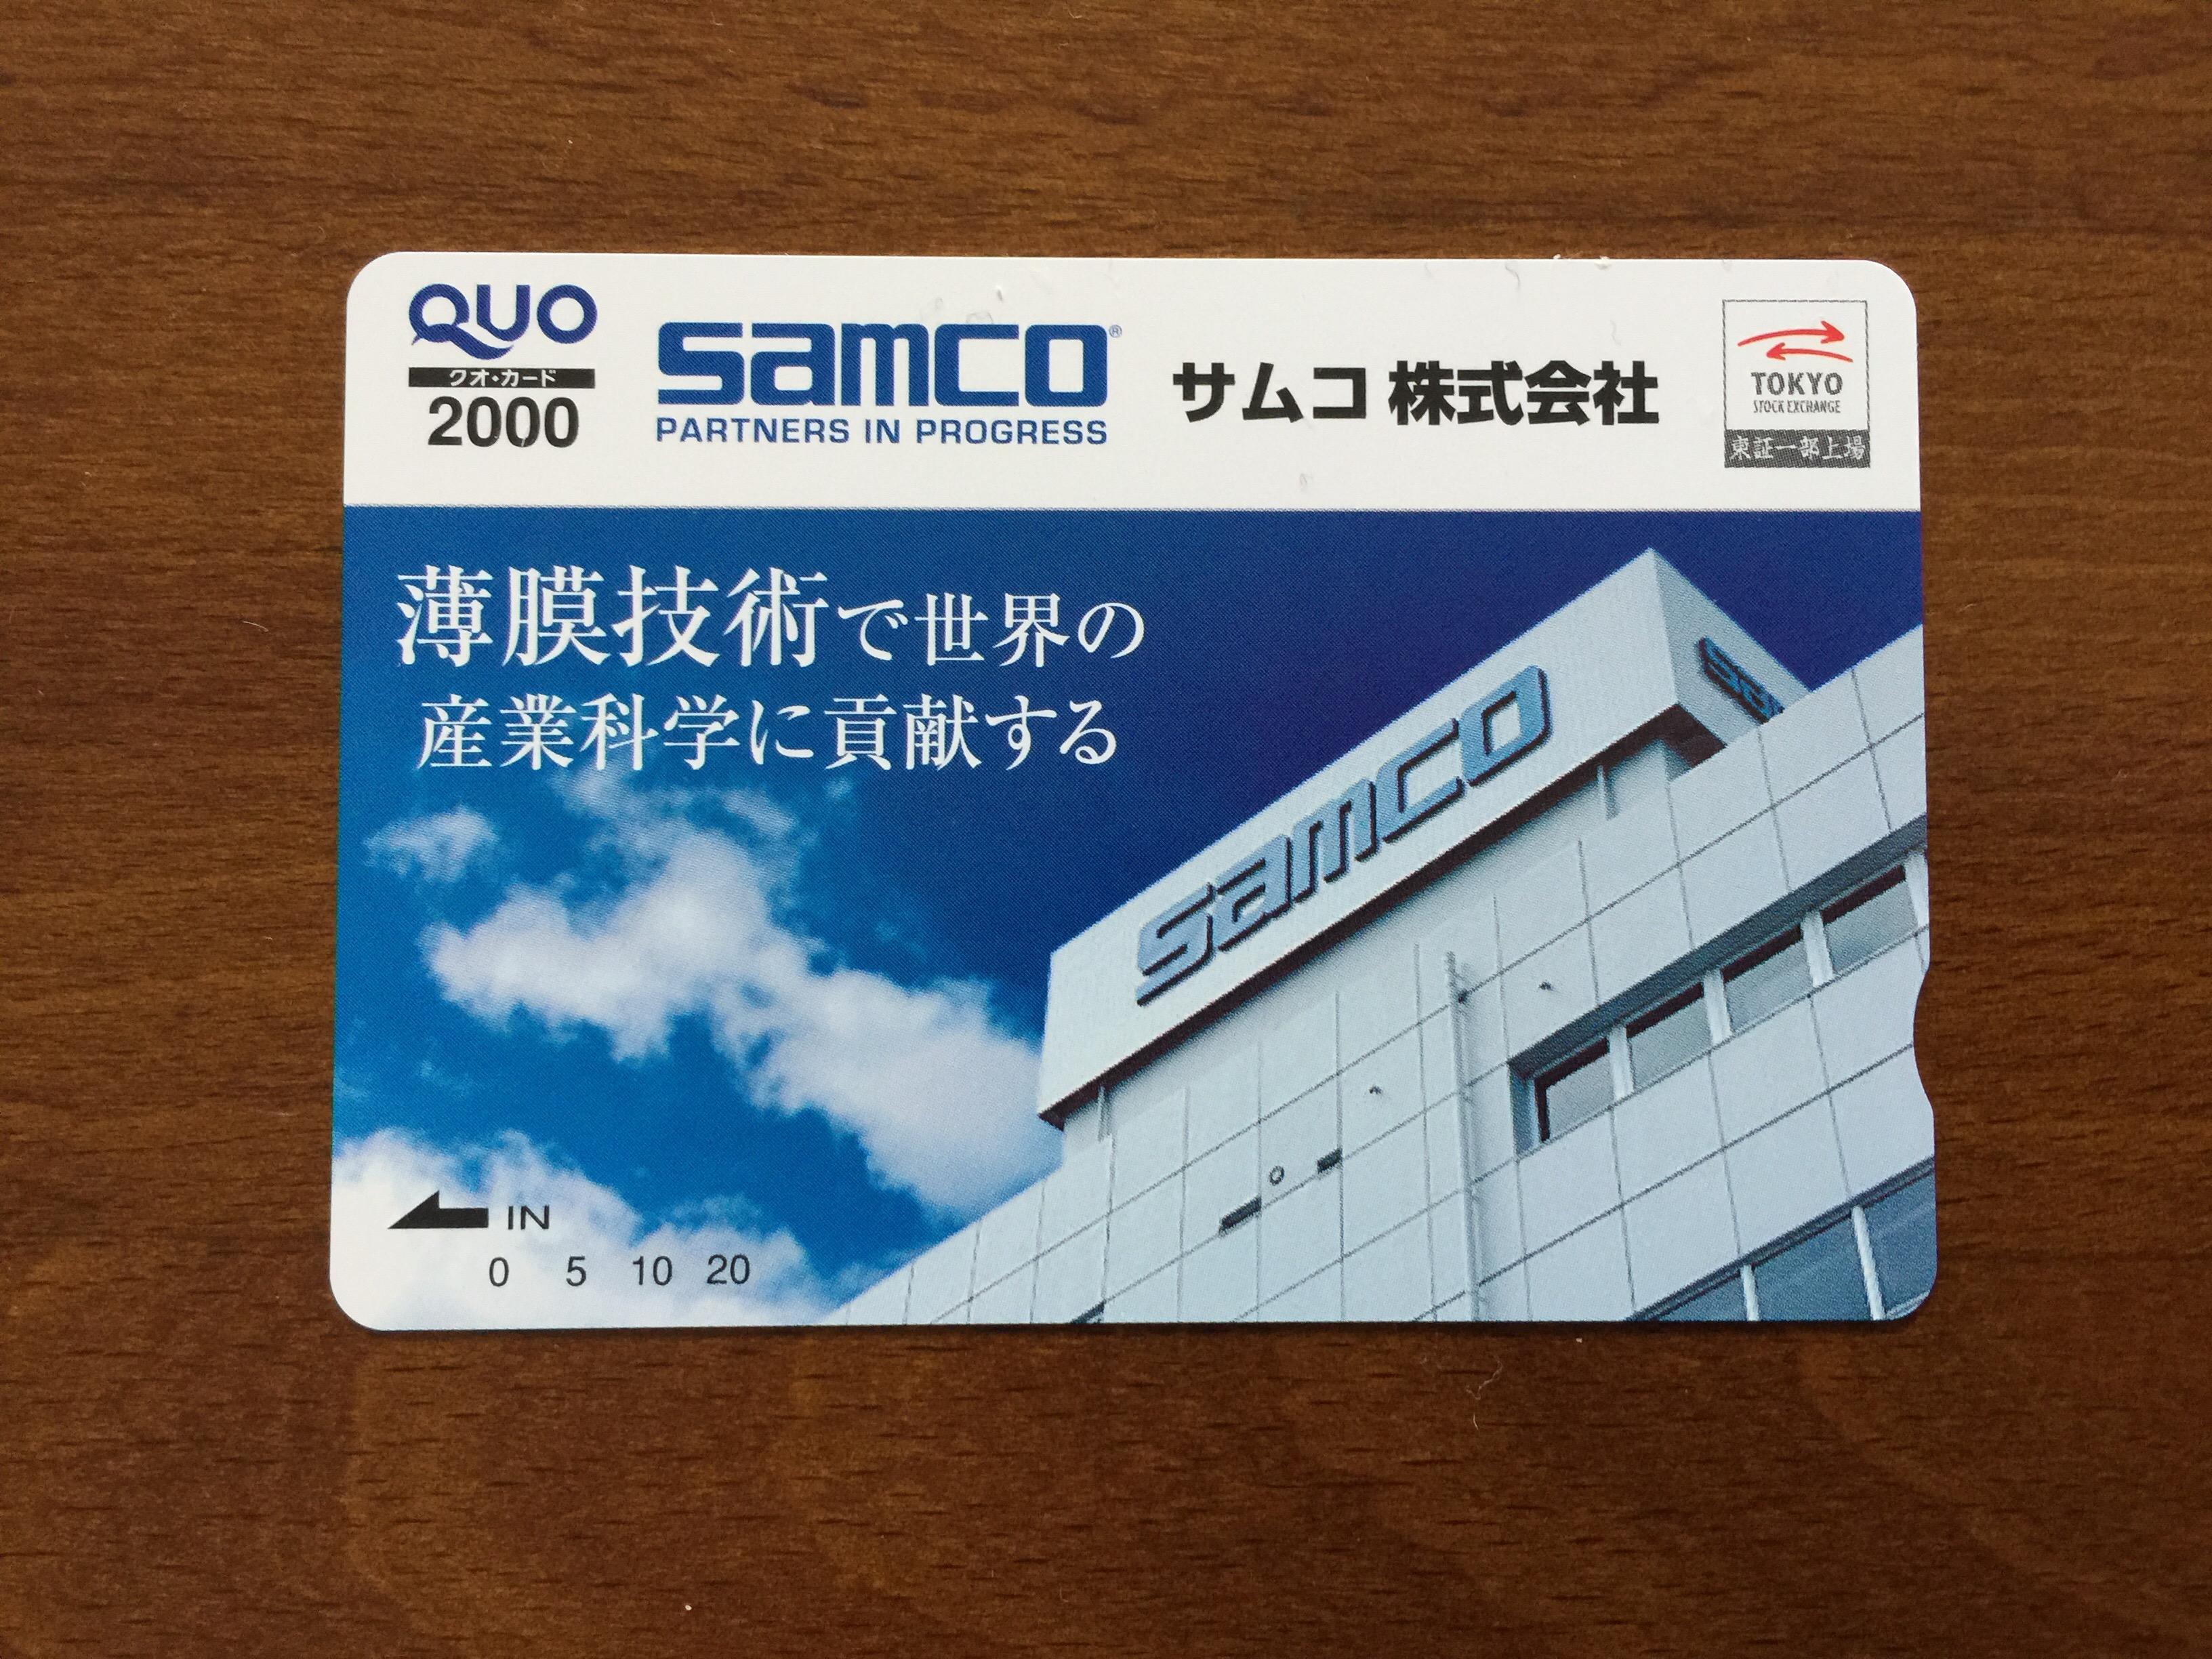 サムコの株主優待 2年以上の継続保有でクオカードが倍額に